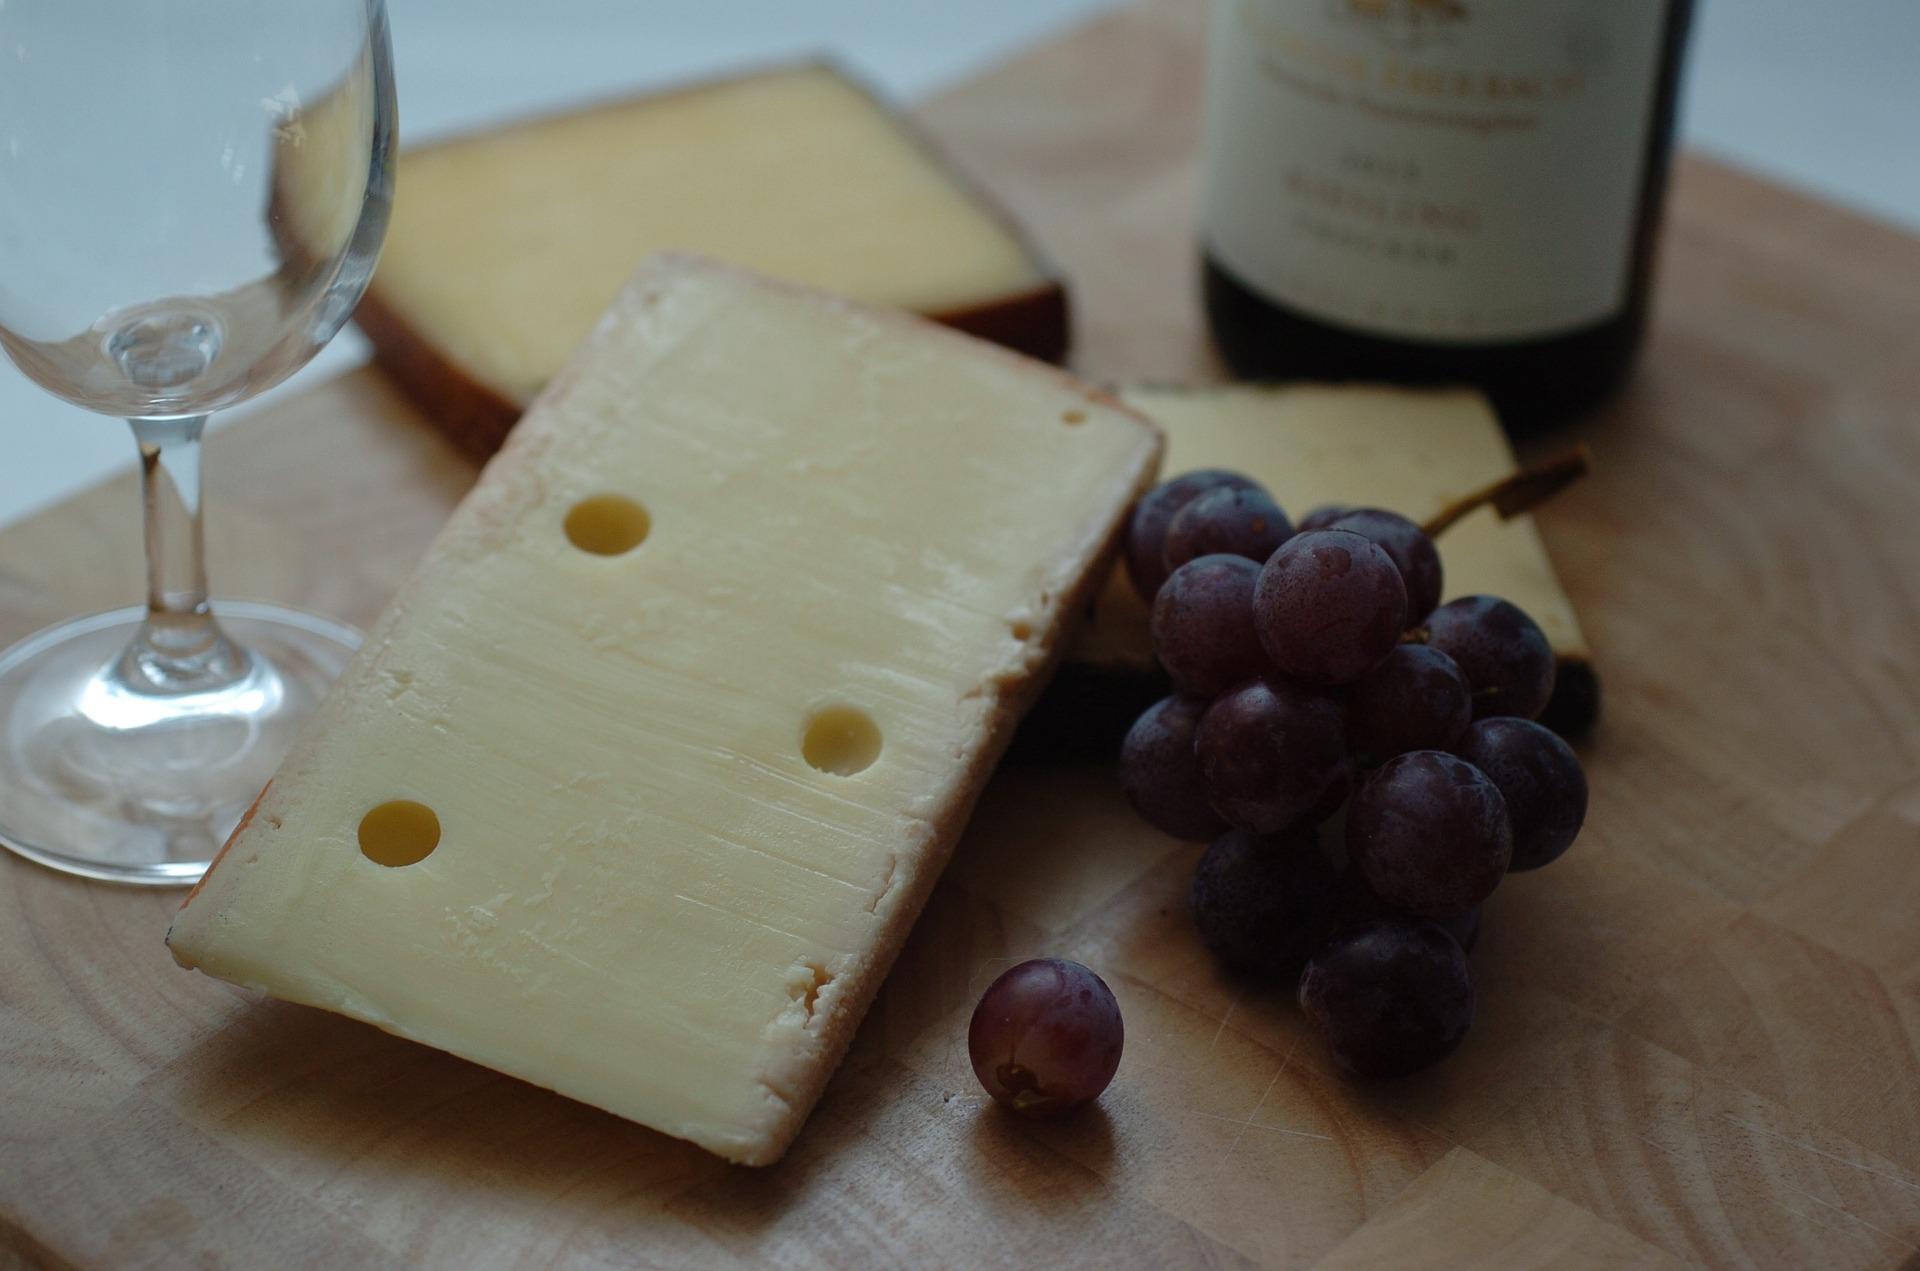 El vino tinto siempre va mejor con quesos fuertes